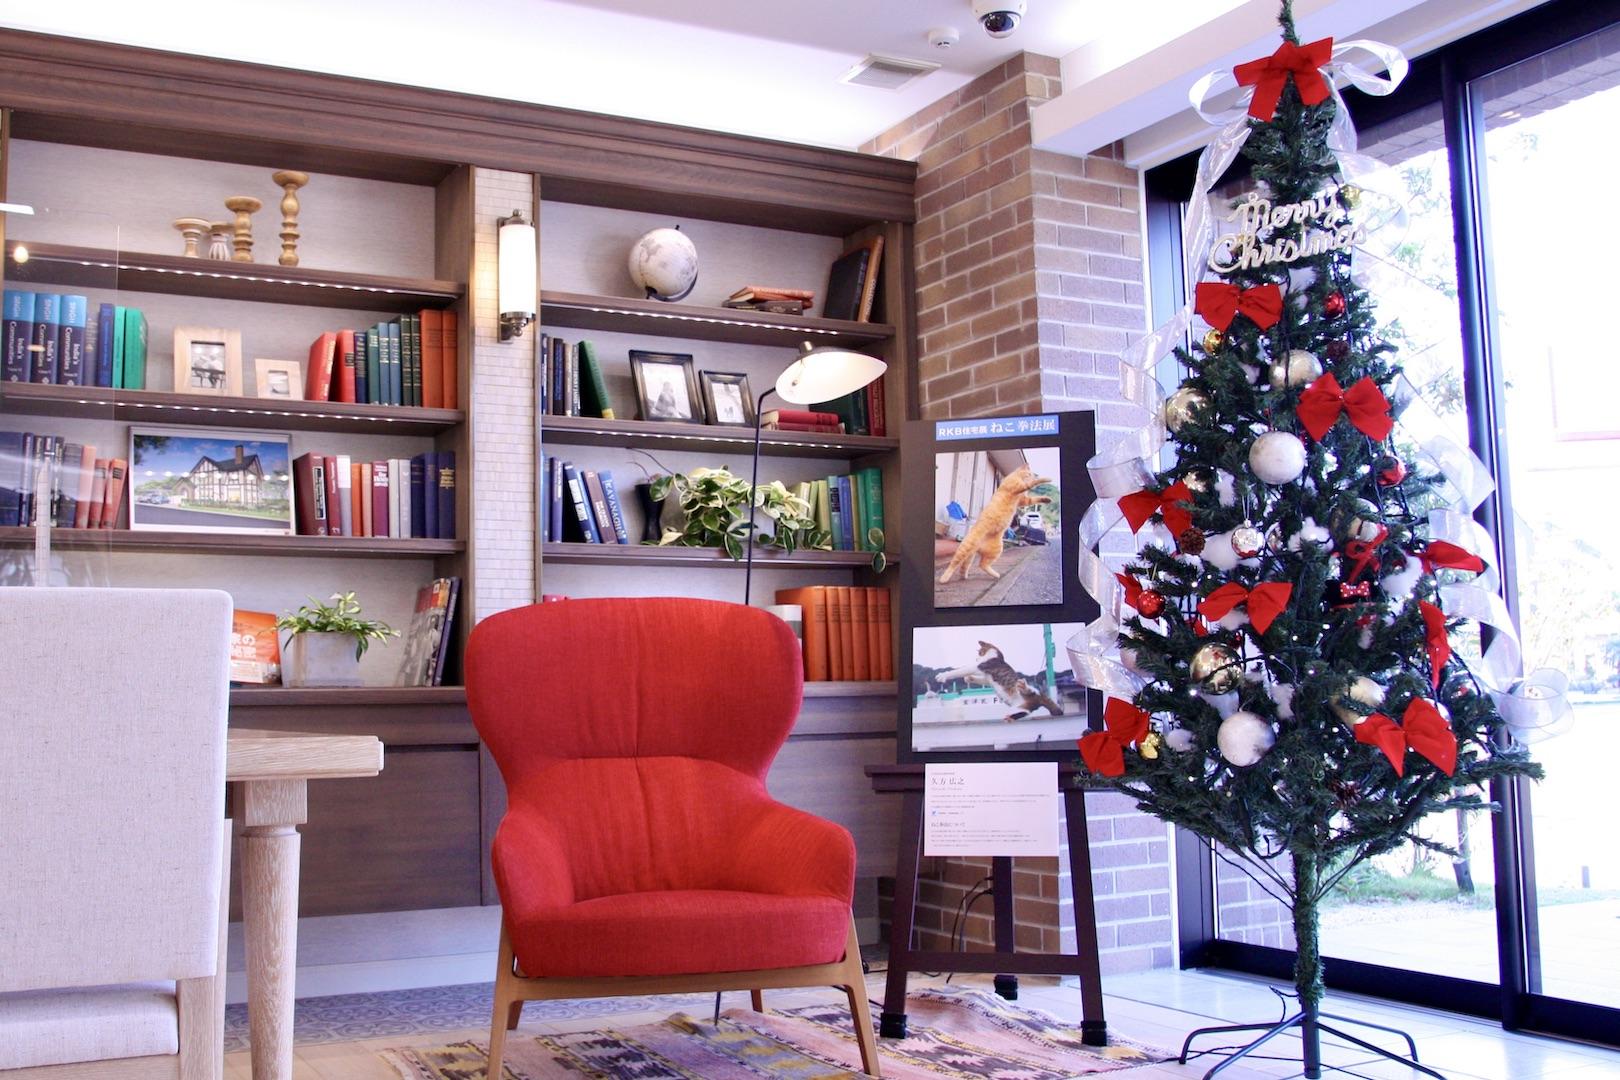 お家で楽しむクリスマス♪ モデルハウスのイルミネーションが参考になる!